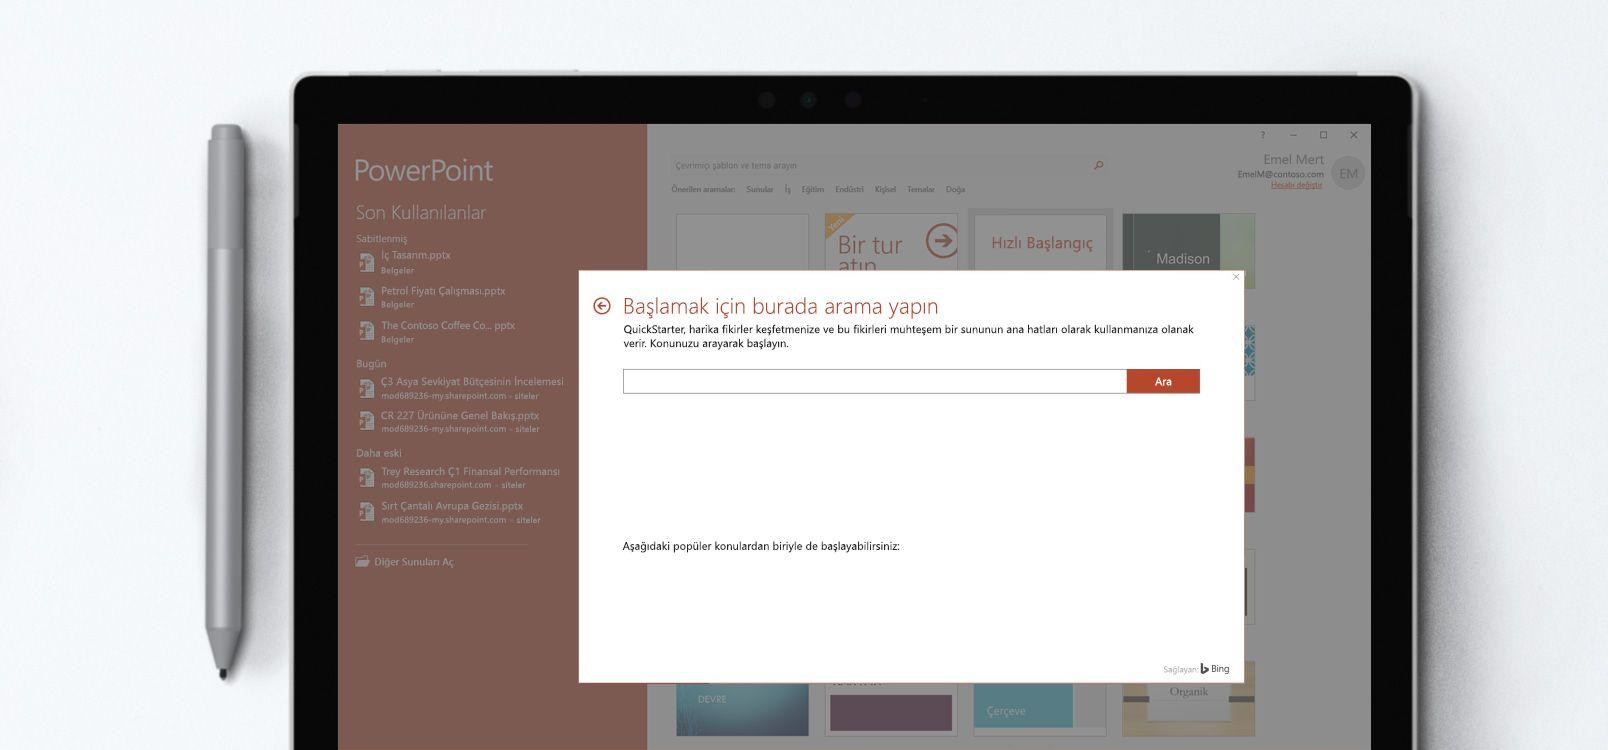 Hızlı Başlangıç özelliğini kullanan bir PowerPoint belgesini gösteren tablet ekranı